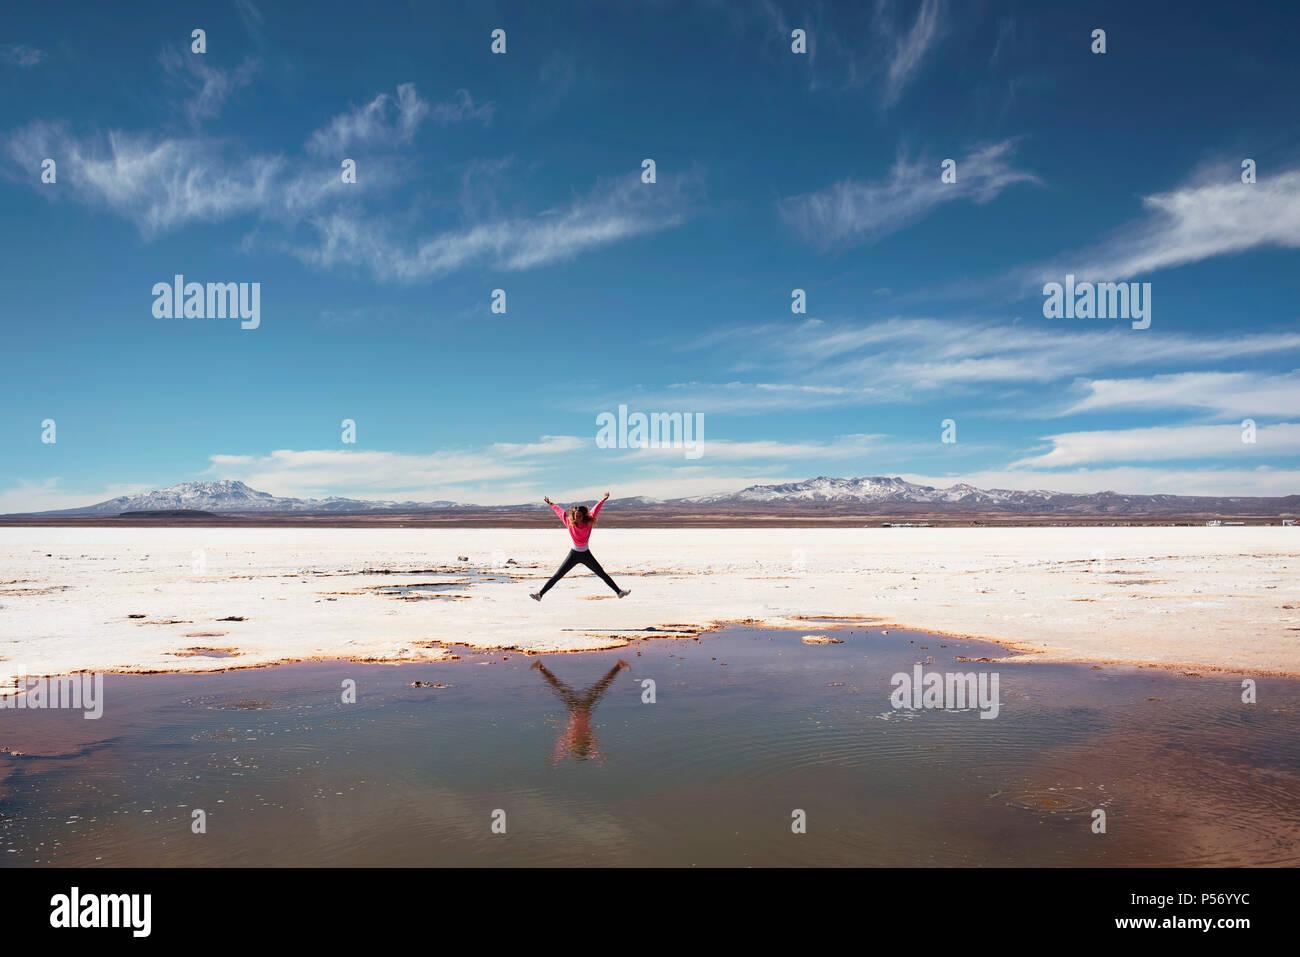 Feliz saltando al lado de un charco natural de sal en el Salar de Uyuni, Bolivia. Imagen De Stock